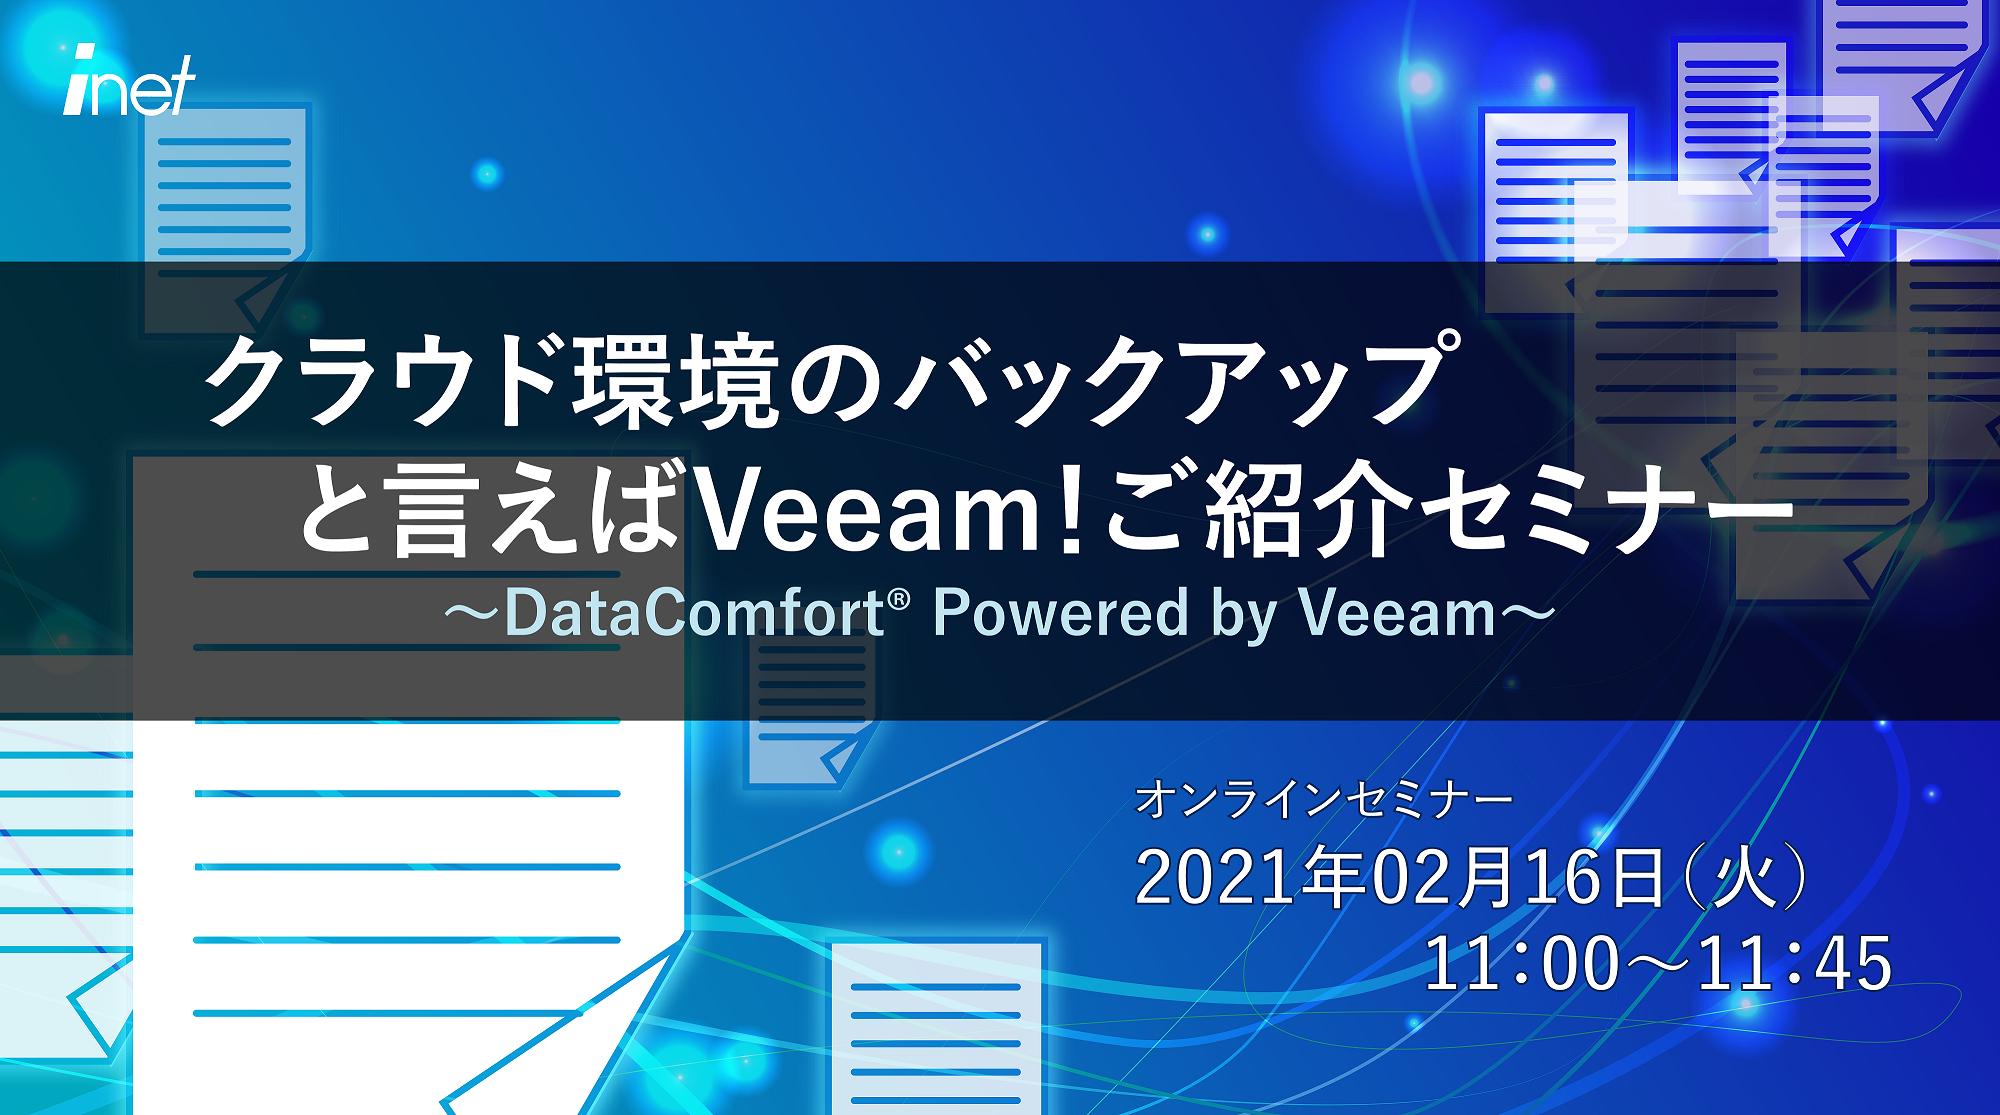 クラウド環境のバックアップと言えばVeeam!ご紹介セミナー